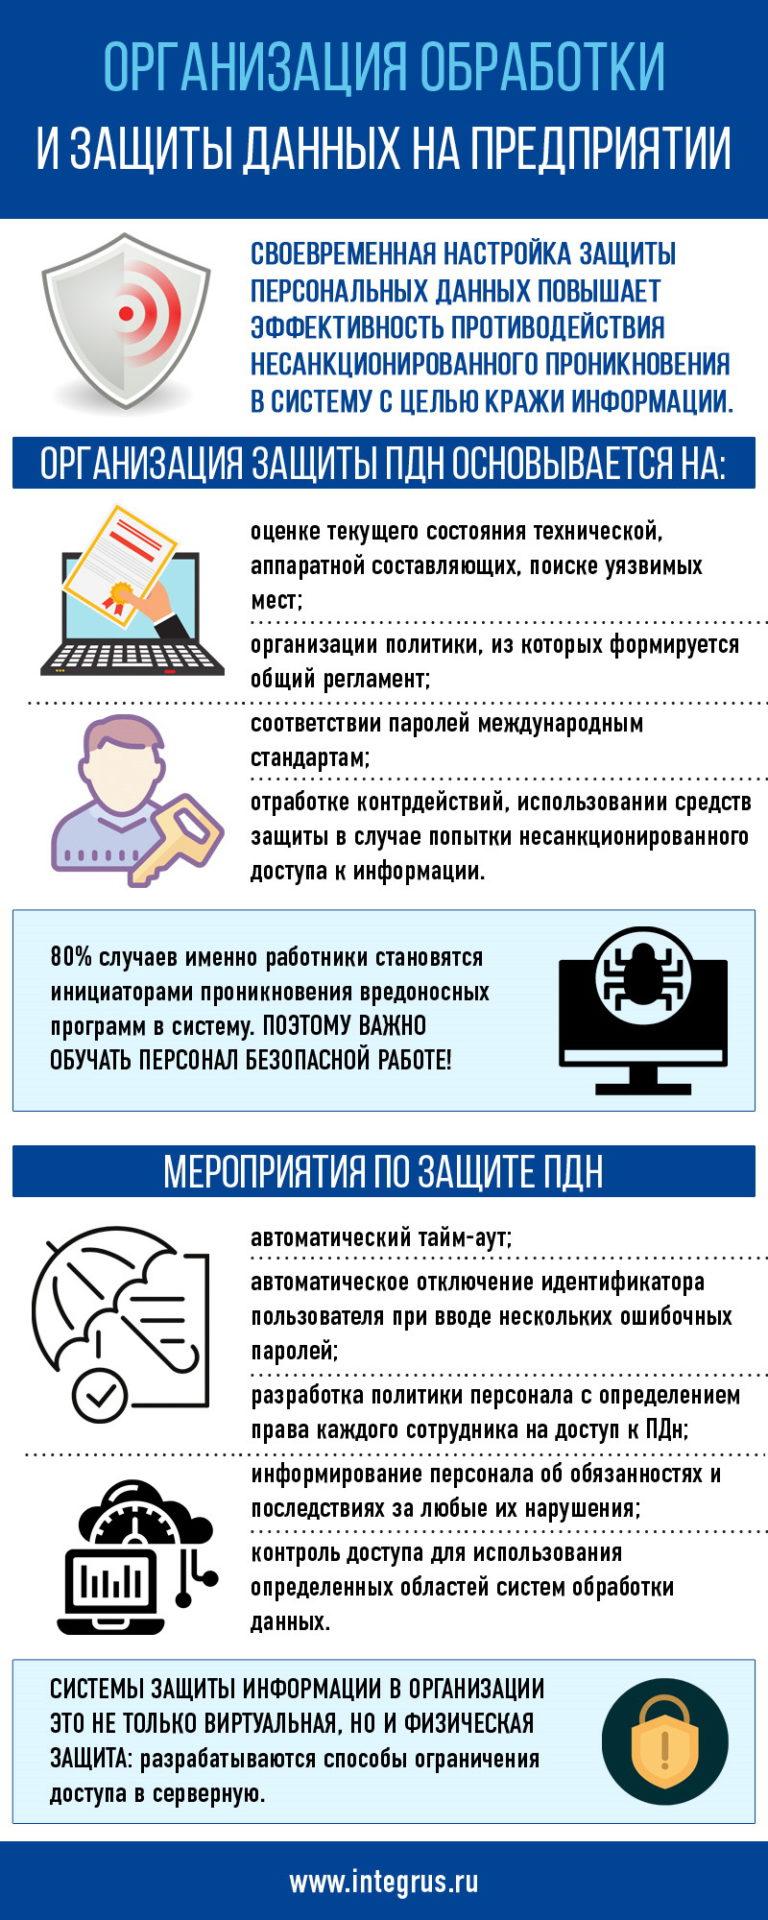 Организация обработки и защиты персональных данных на предприятии